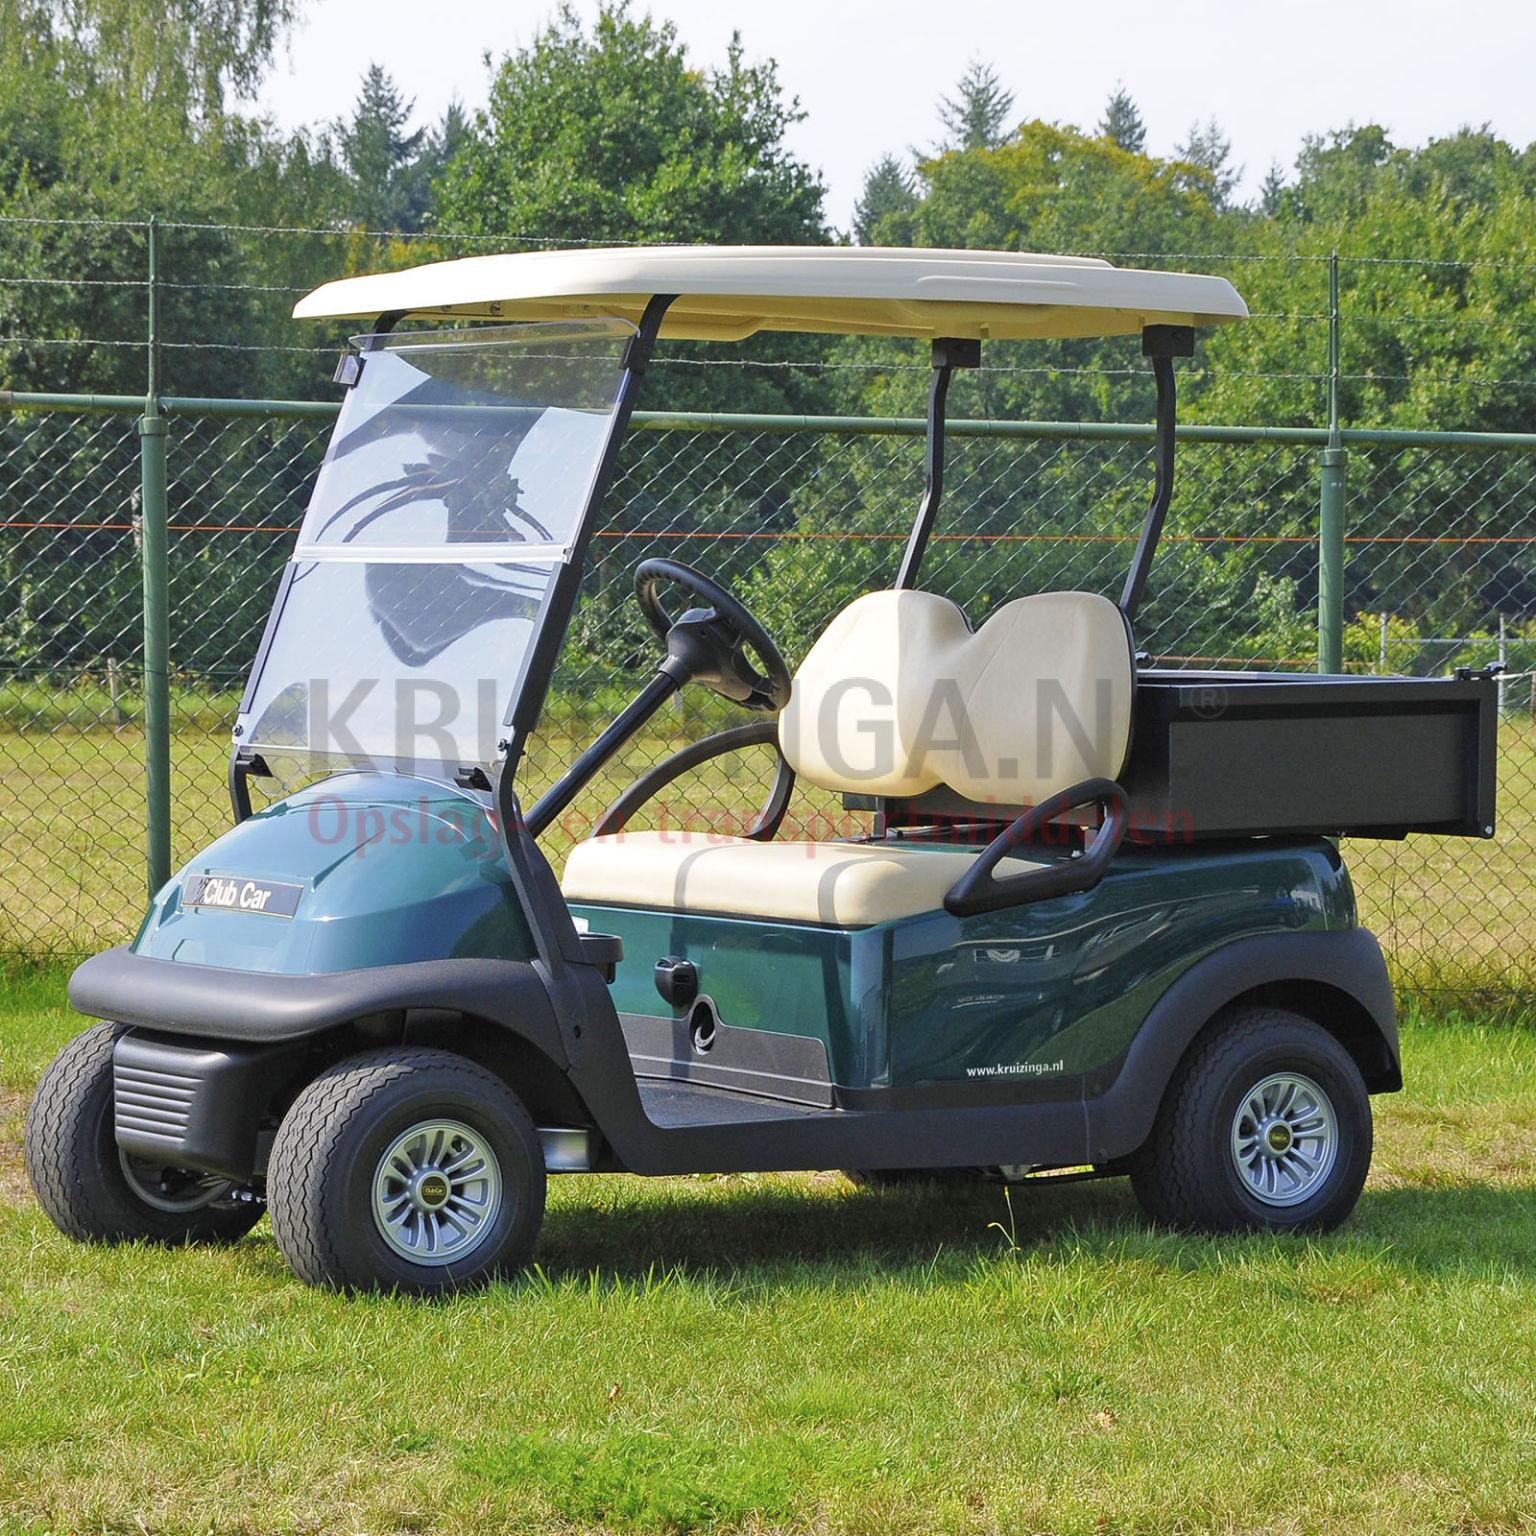 golf cart club car precedent incl benne lectrique occasion partir de 6149 25 frais de. Black Bedroom Furniture Sets. Home Design Ideas